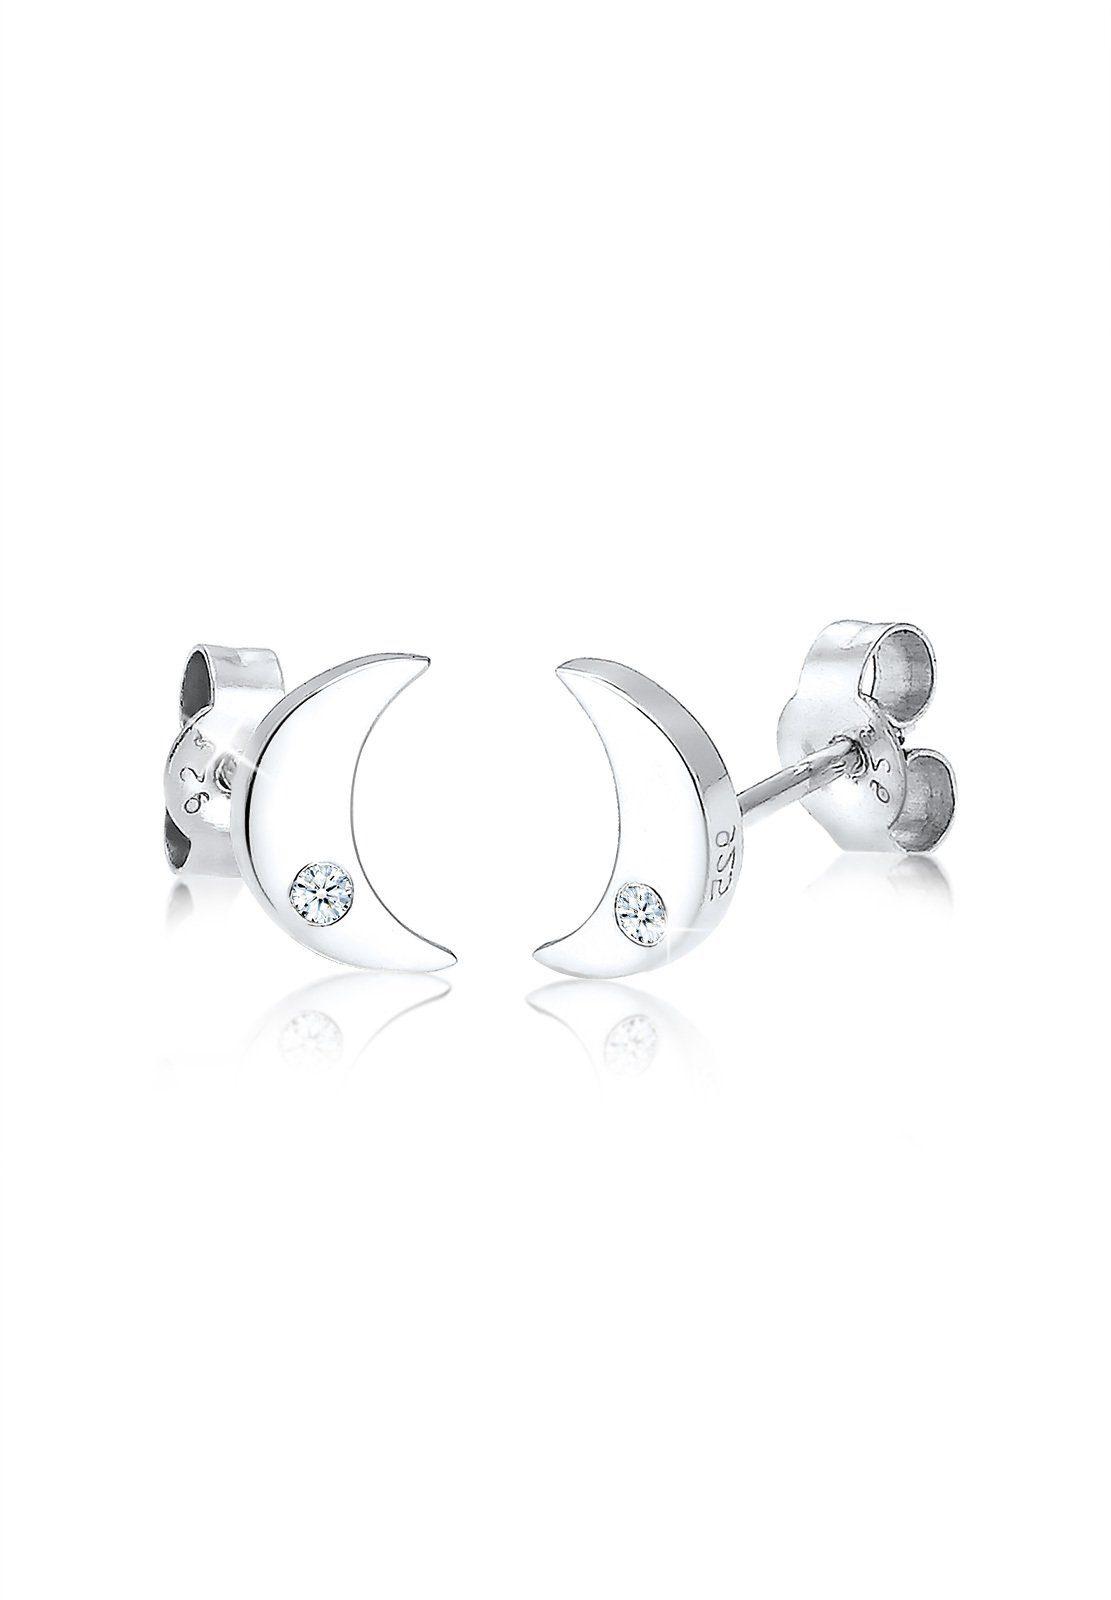 Elli Paar Ohrstecker Halbmond Astro Diamant (004 ct) 925 Silber | Schmuck > Ohrschmuck & Ohrringe > Ohrstecker | Weiß | Elli